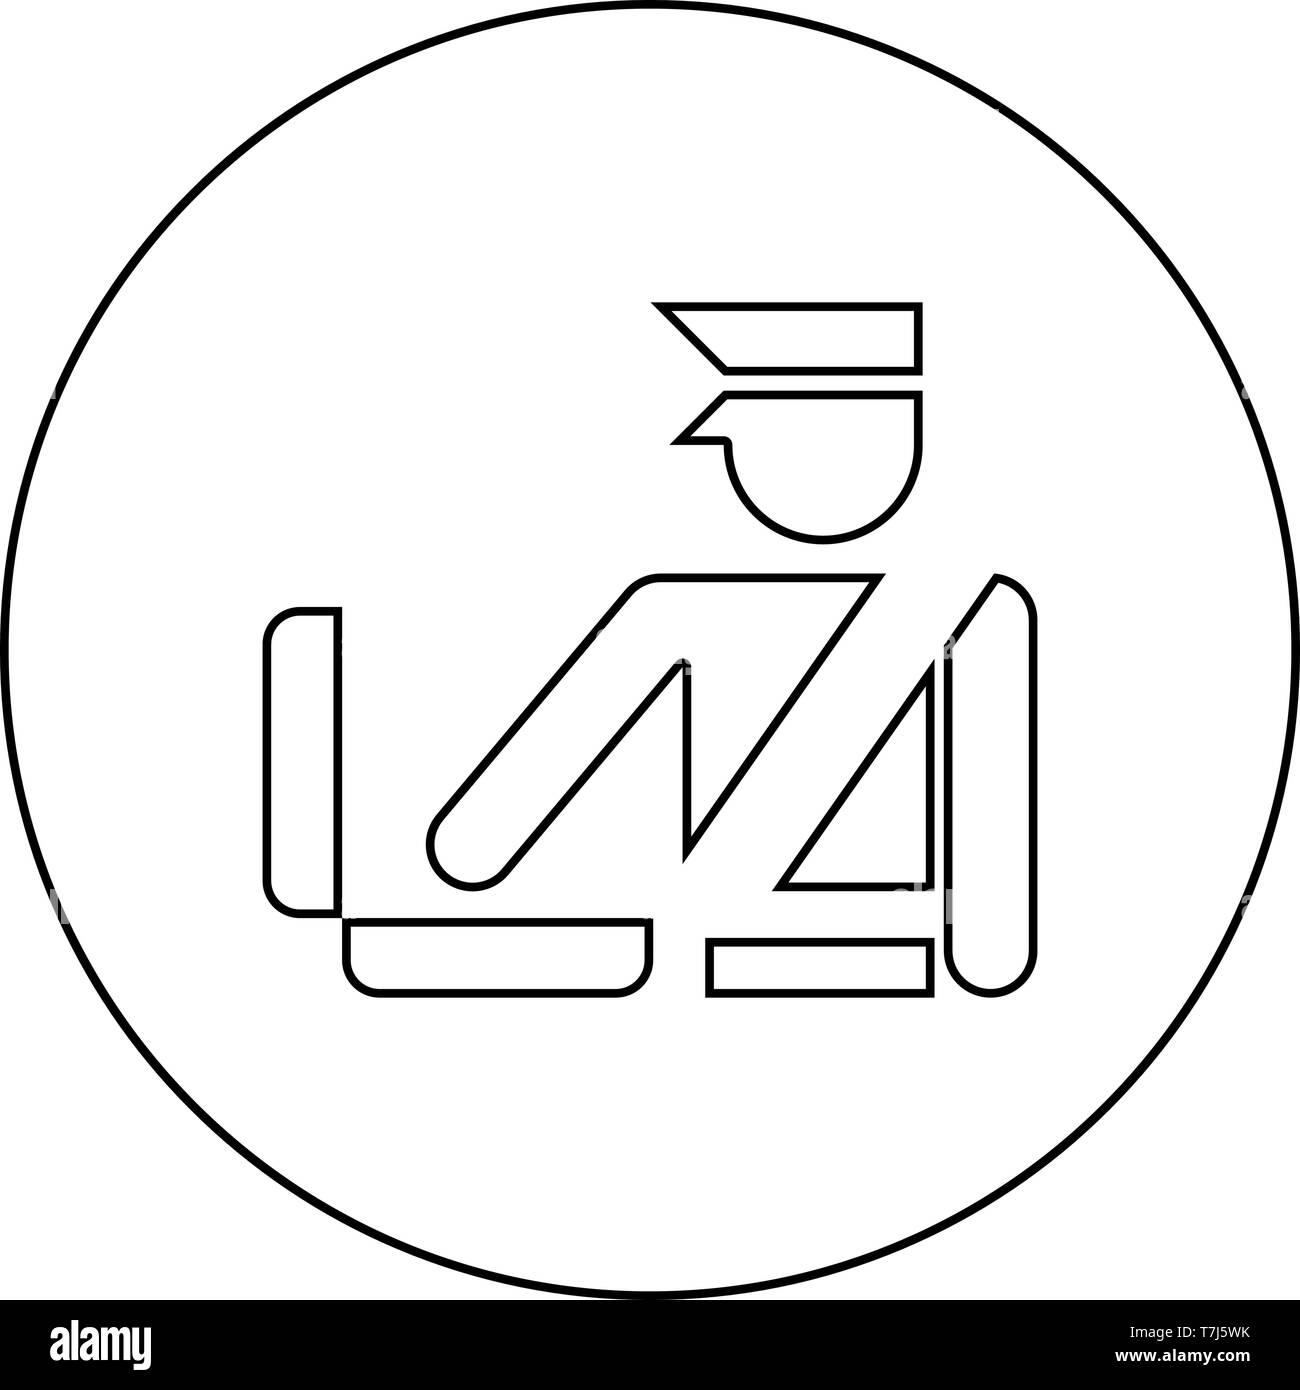 Grenzkontrollen Konzept Zollbeamte prüfen Gepäck detaillierte Gepäckkontrolle Handgepäckkontrolle zeichen Symbol im Kreis runde Kontur schwarz Vektor Stockbild